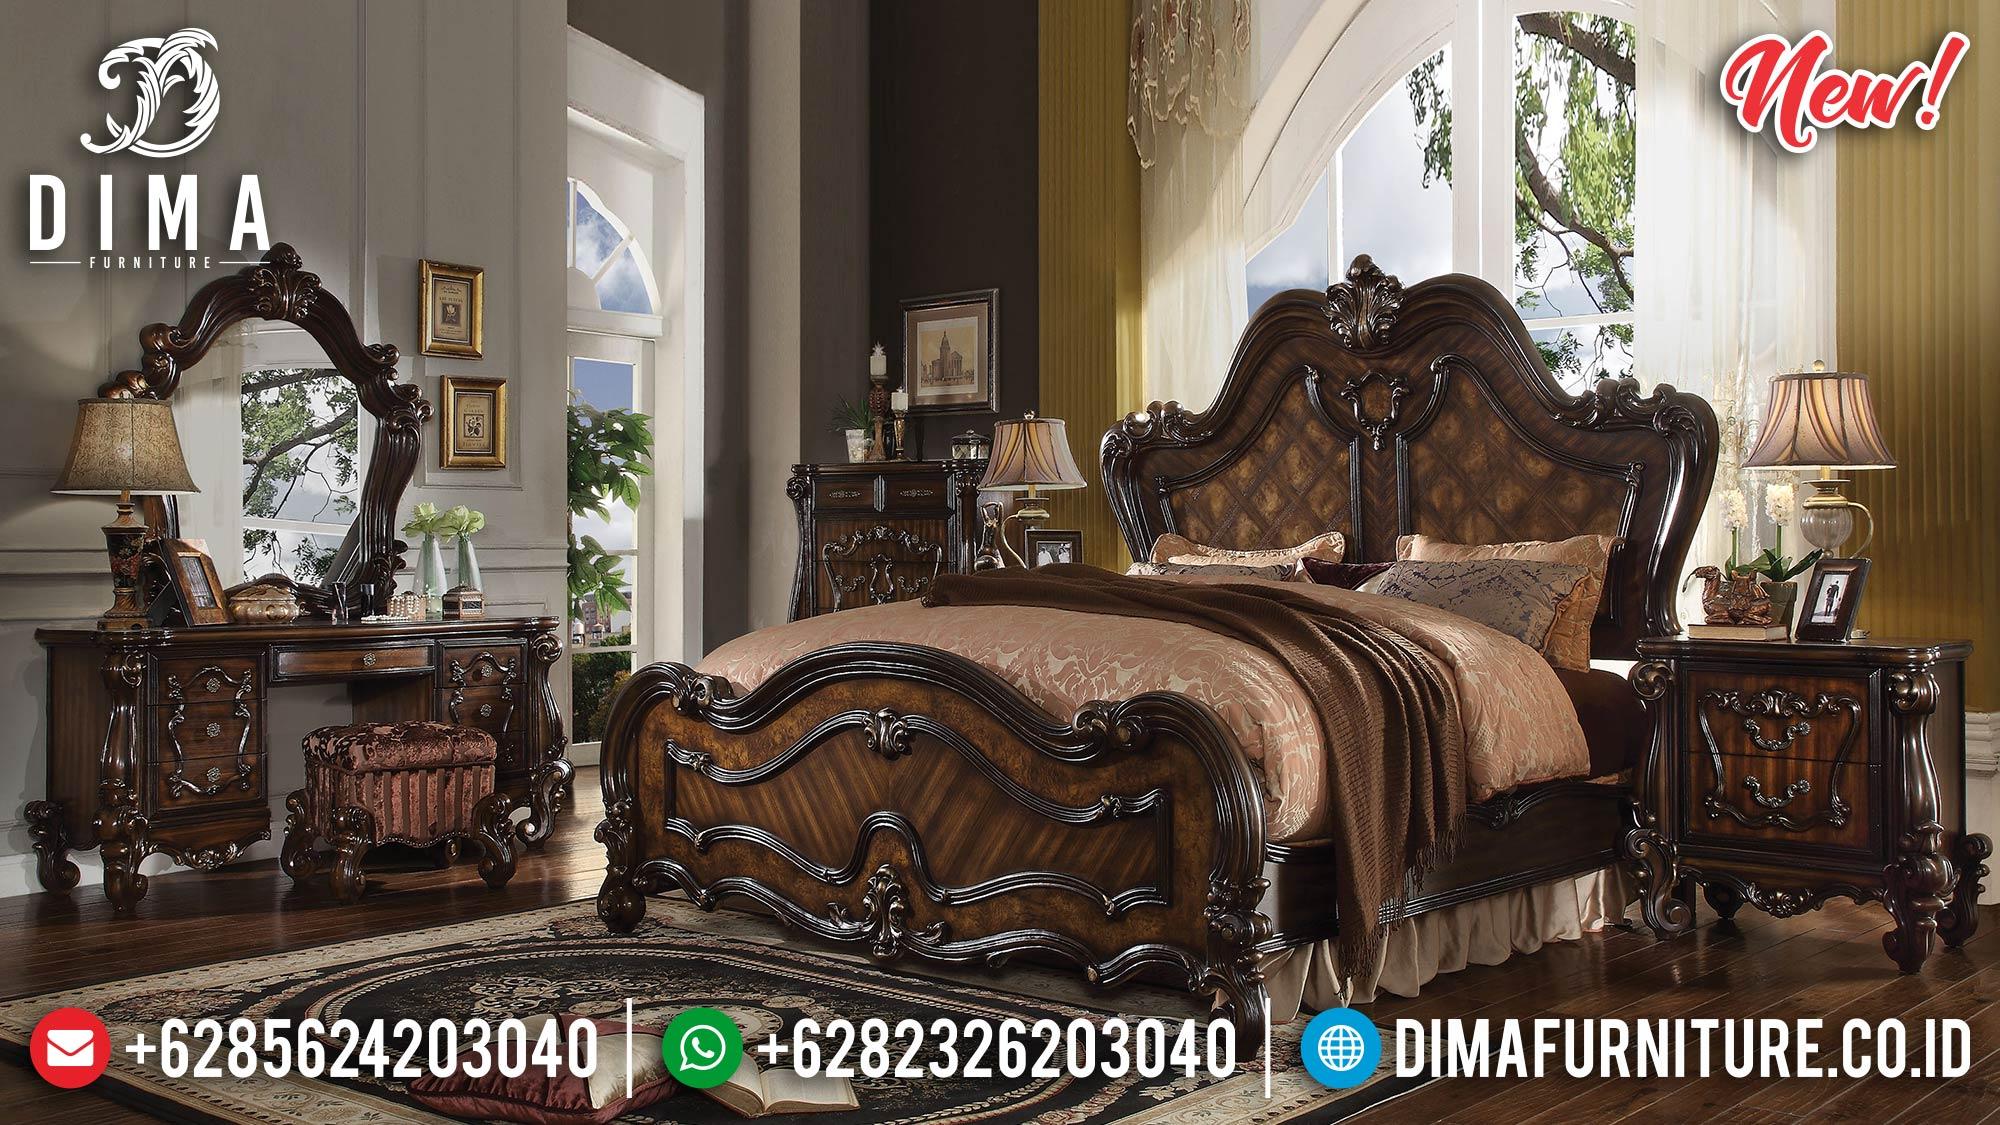 Jual Kamar Set Mewah Jati Jepara Awesome MMJ-0228